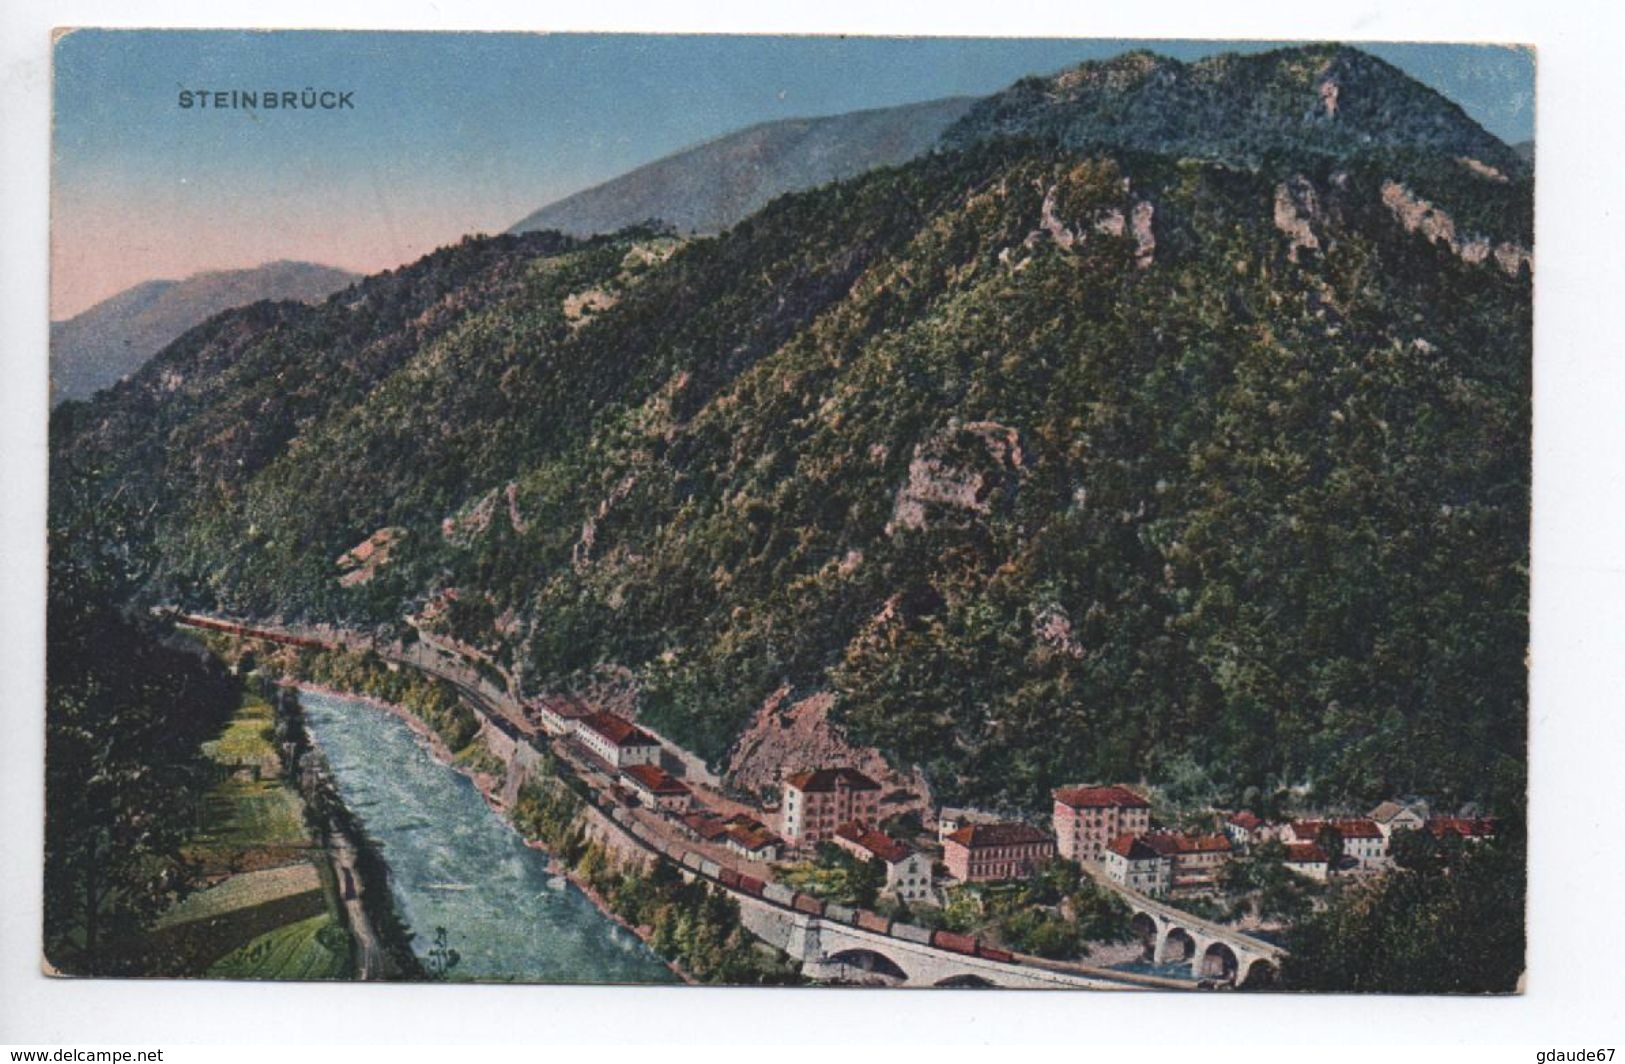 STEINBRÜCK (SLOVENIE) - Slovénie